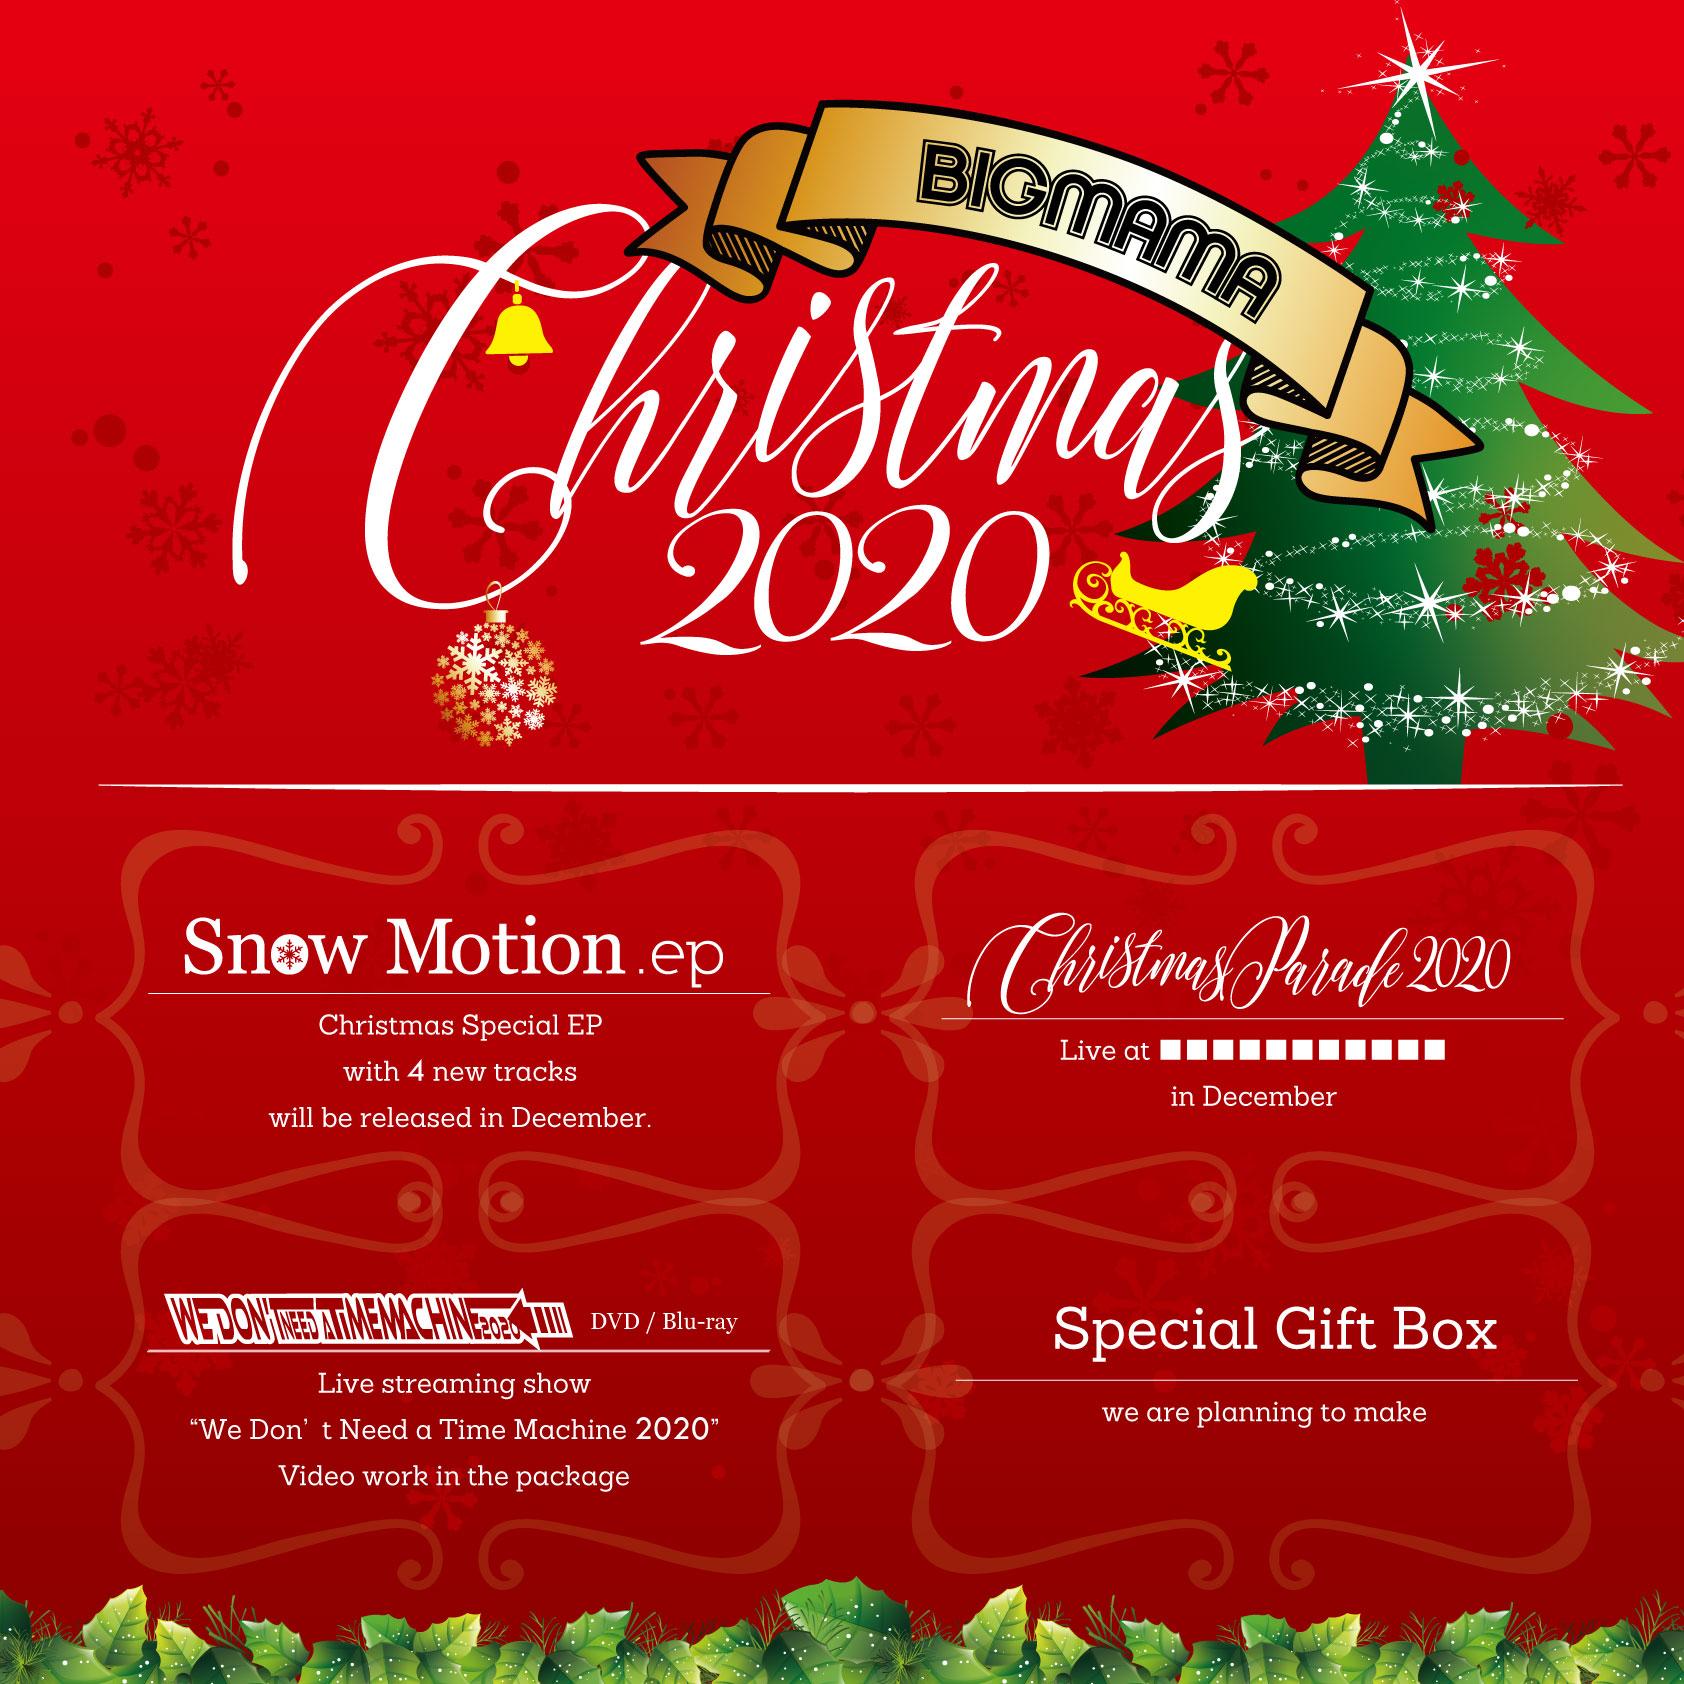 BIGMAMA Christmas 2020